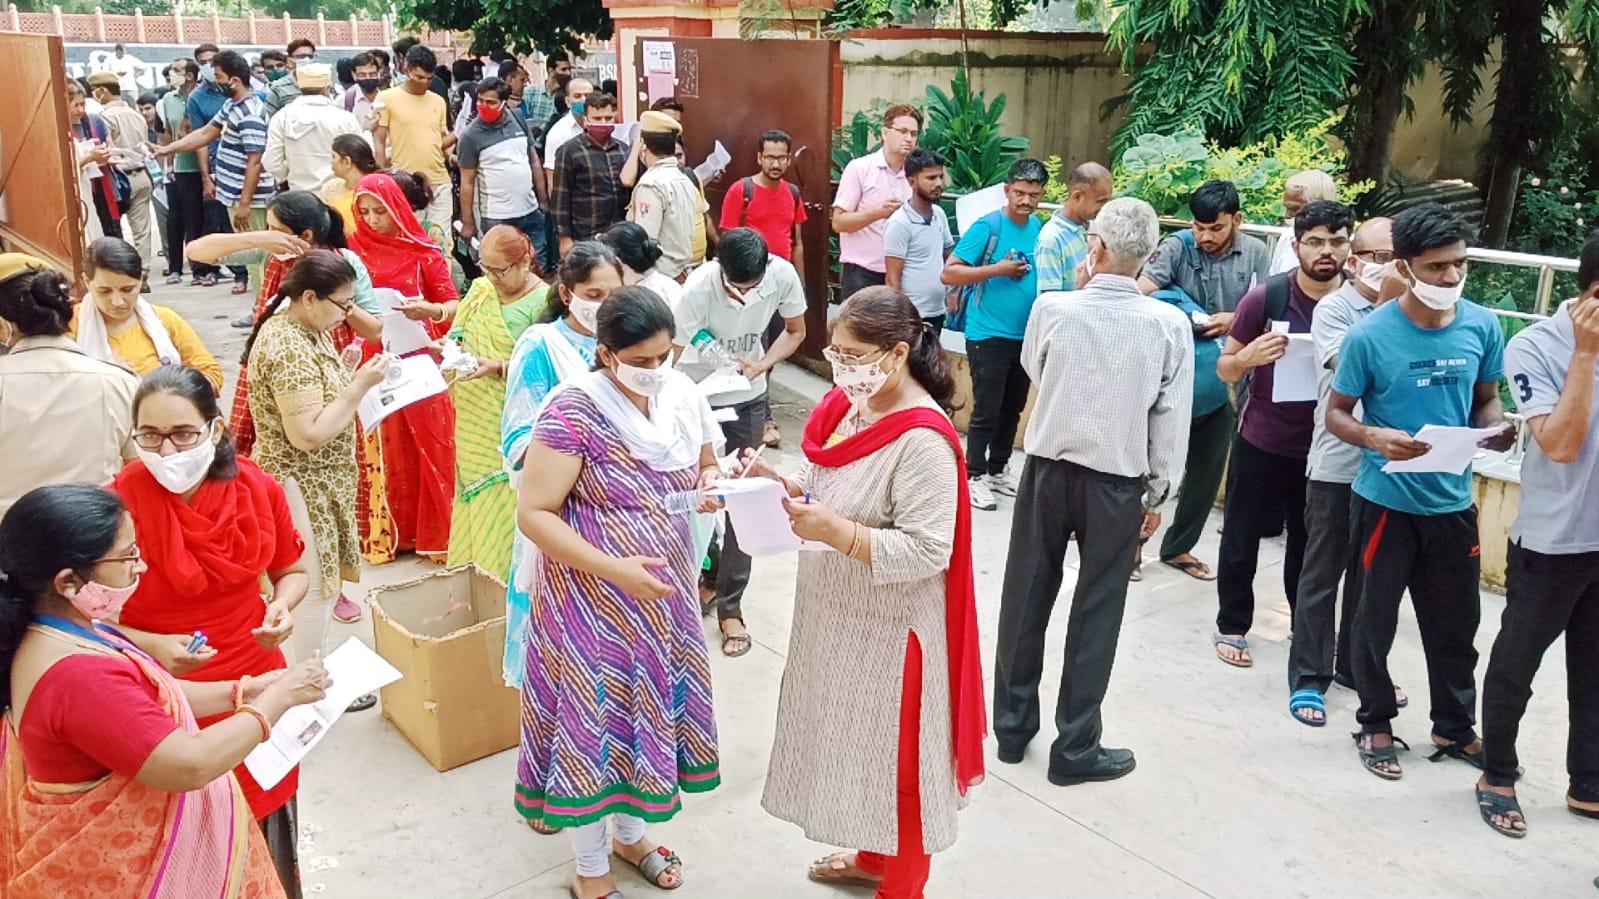 अजमेर के राजकीय कन्या महाविद्यालय परीक्षा केन्द्र पर चेकिंग के बाद दिया गया प्रवेश।